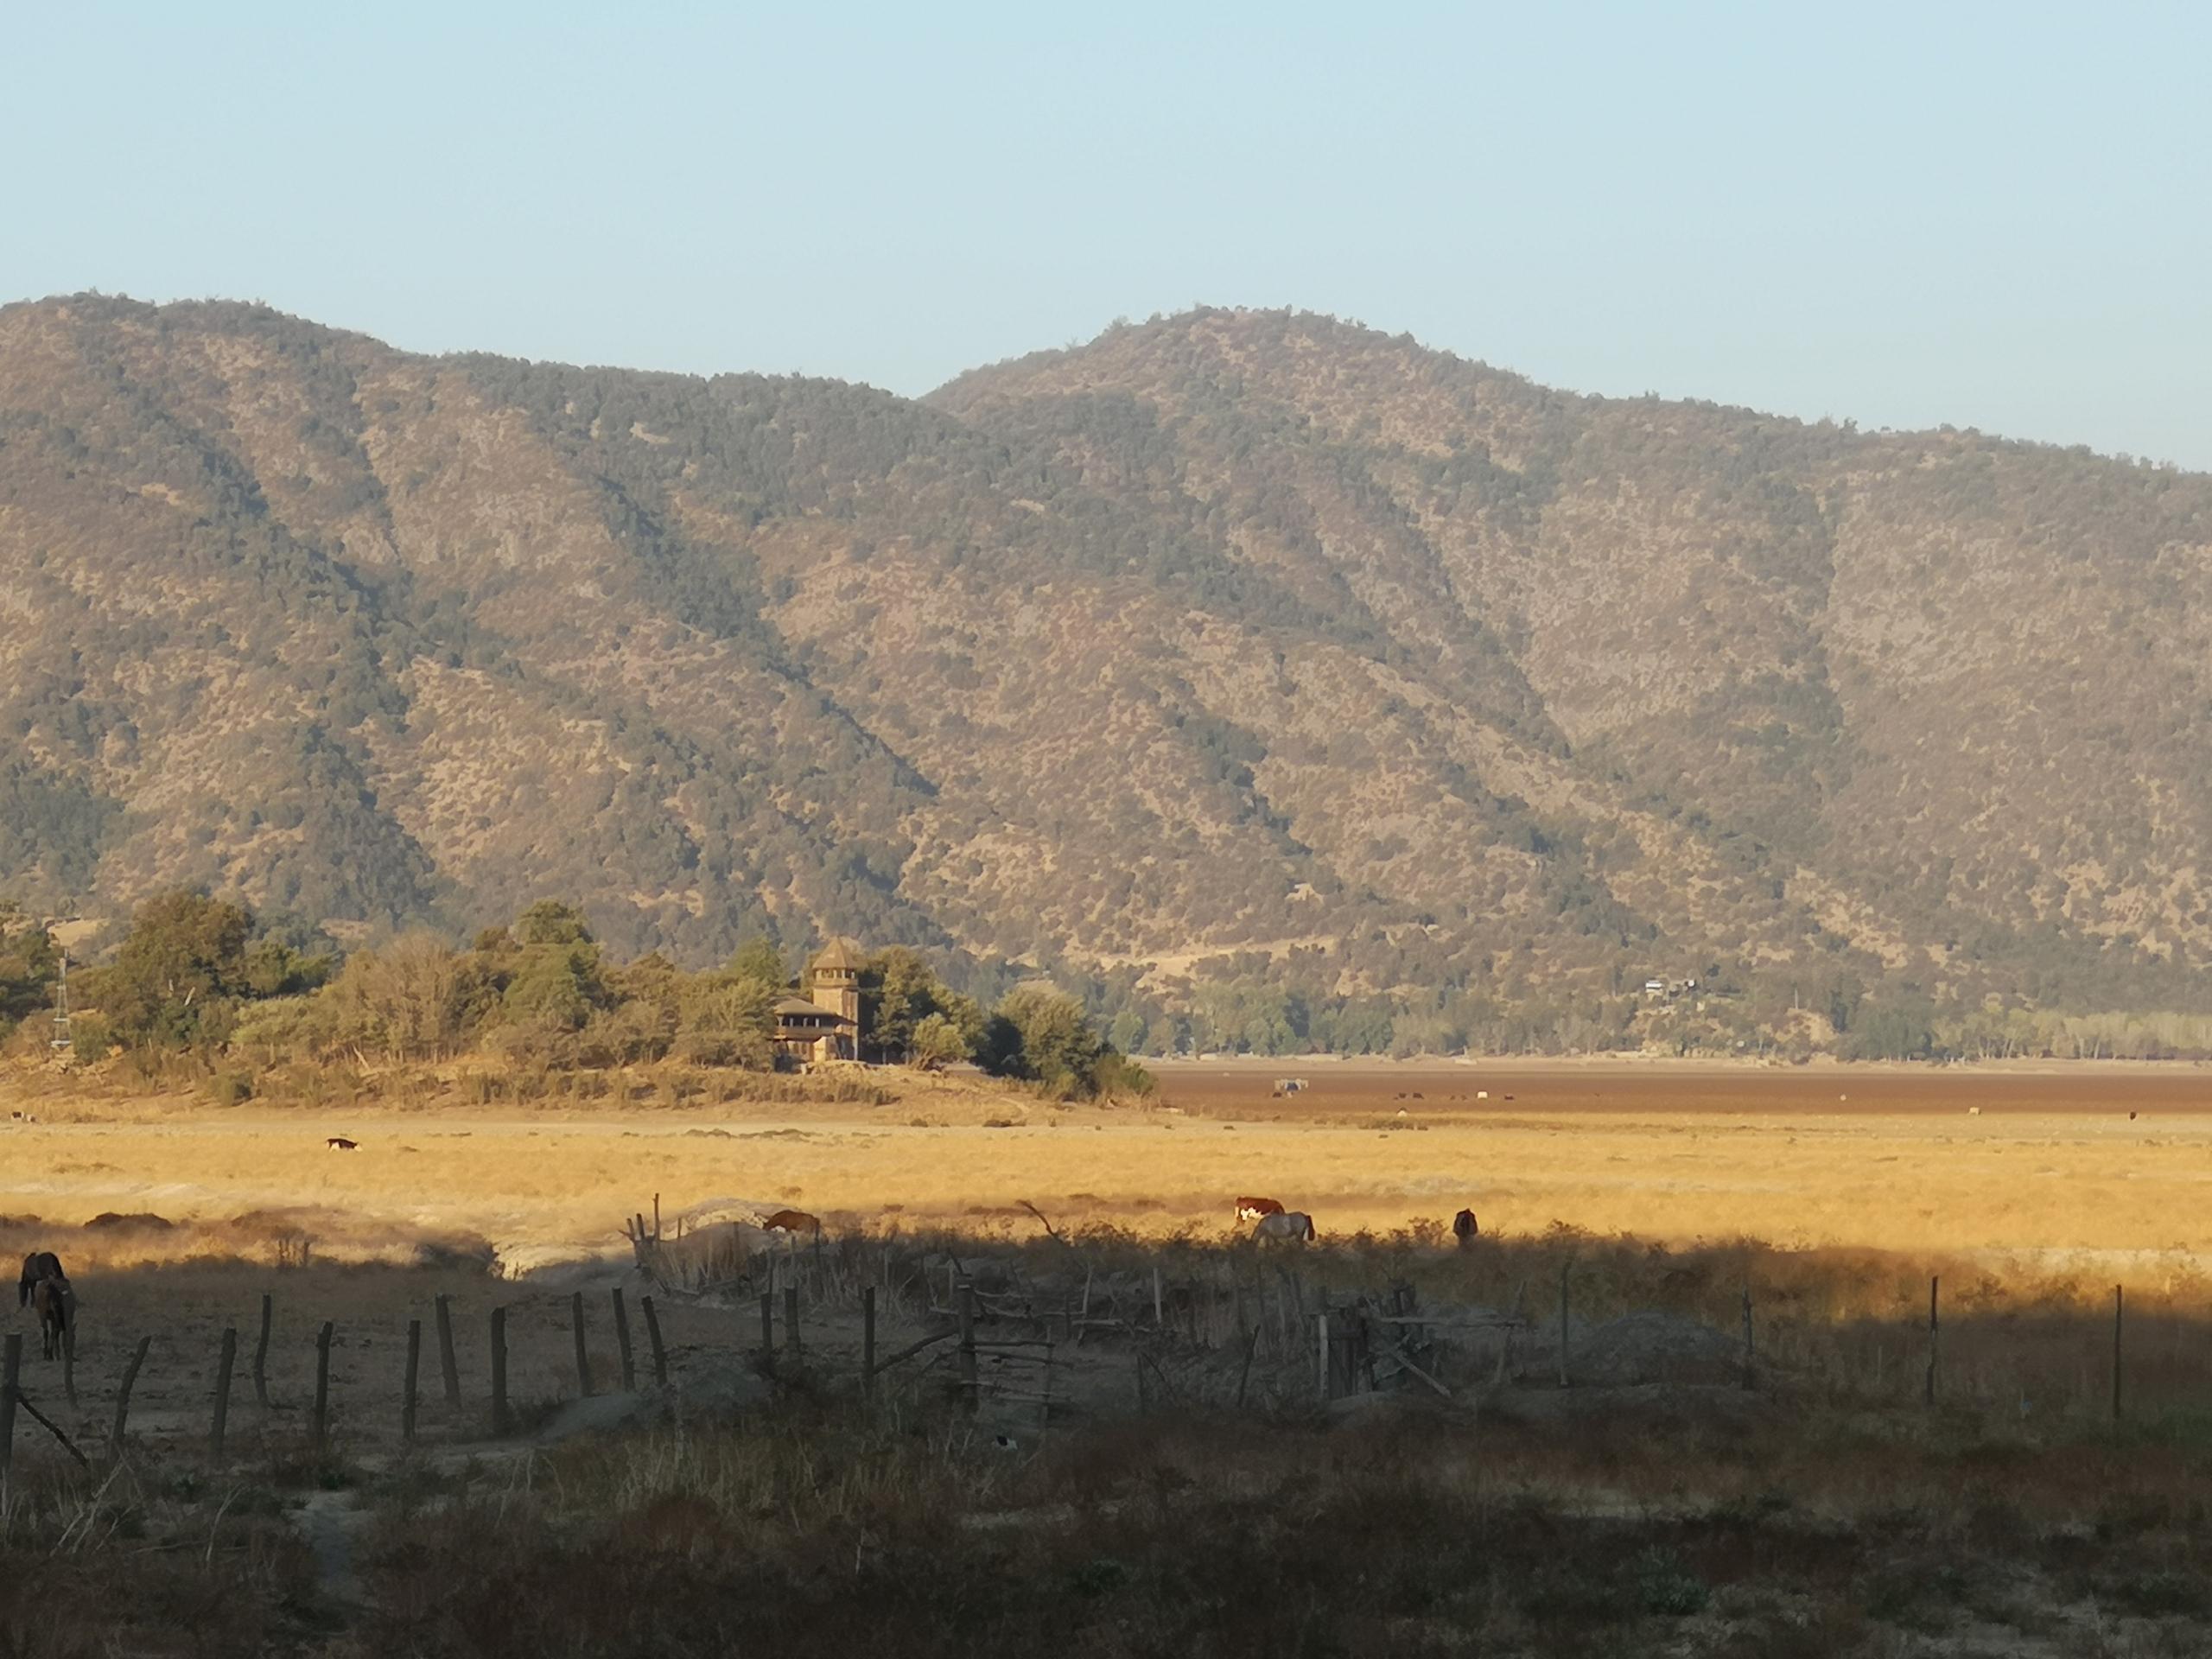 Maipo Province là gì? Tìm hiểu rượu vang Maipo Valley